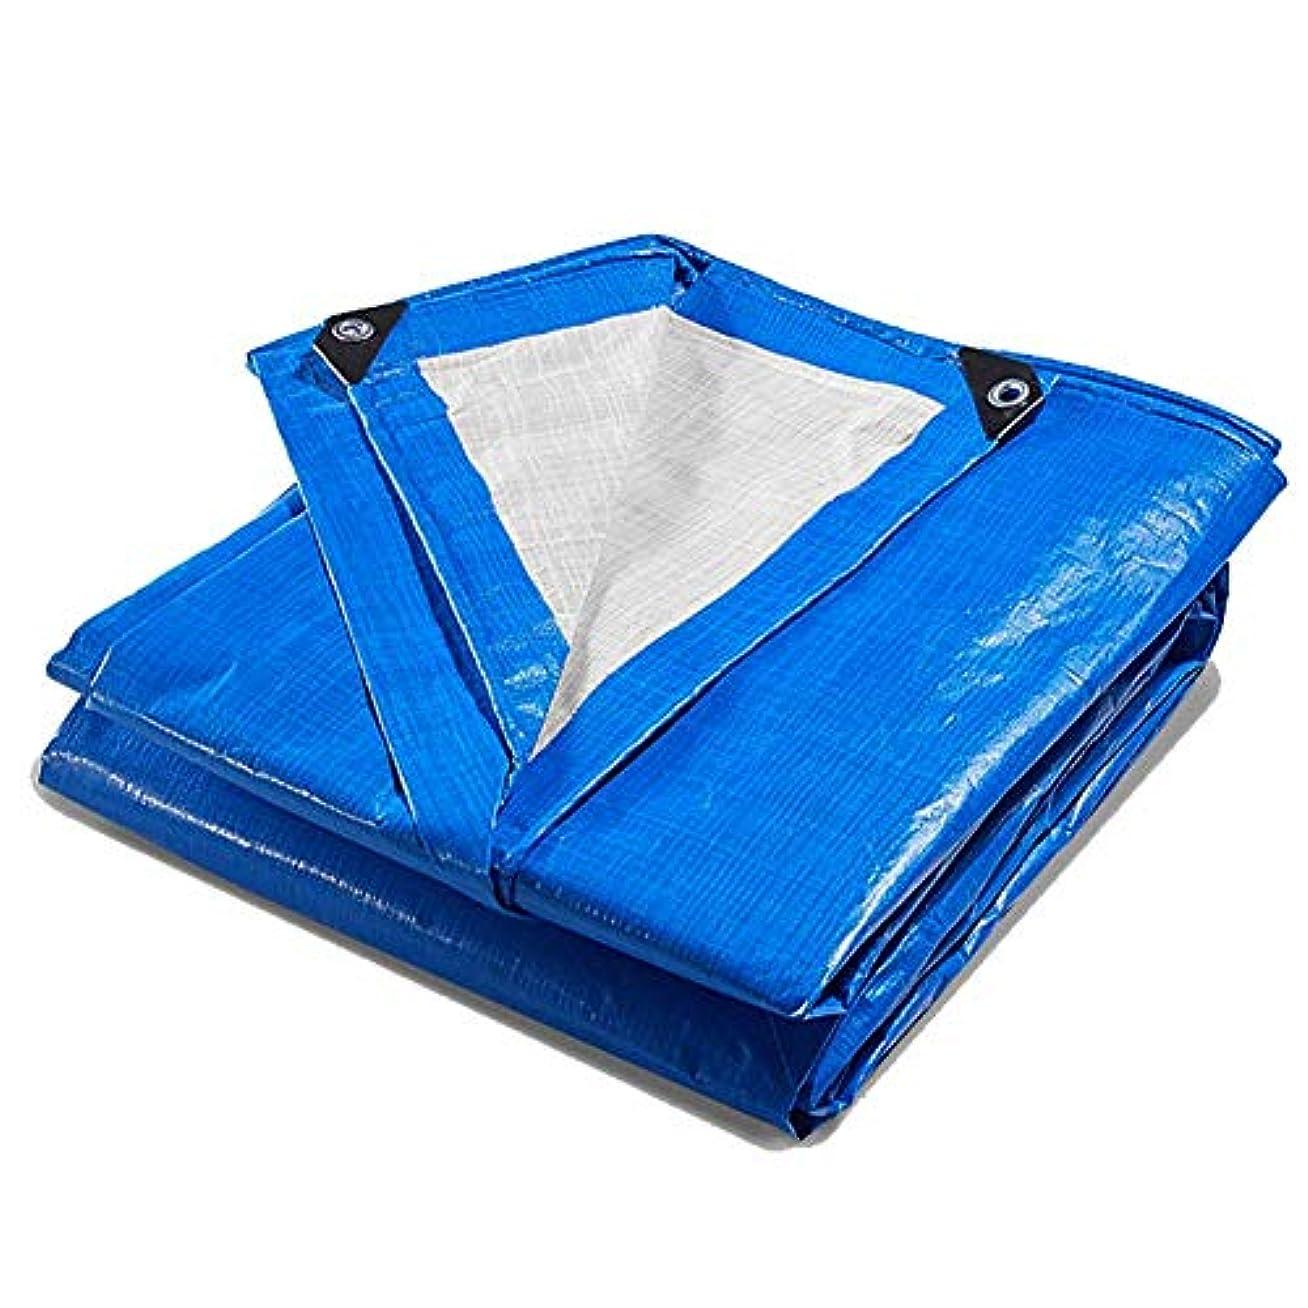 防衛容器広告主Lixingmingqi 屋外のテント防水防水シートの豪雨の防水シートのテントのステッチの日除けの日除けの布